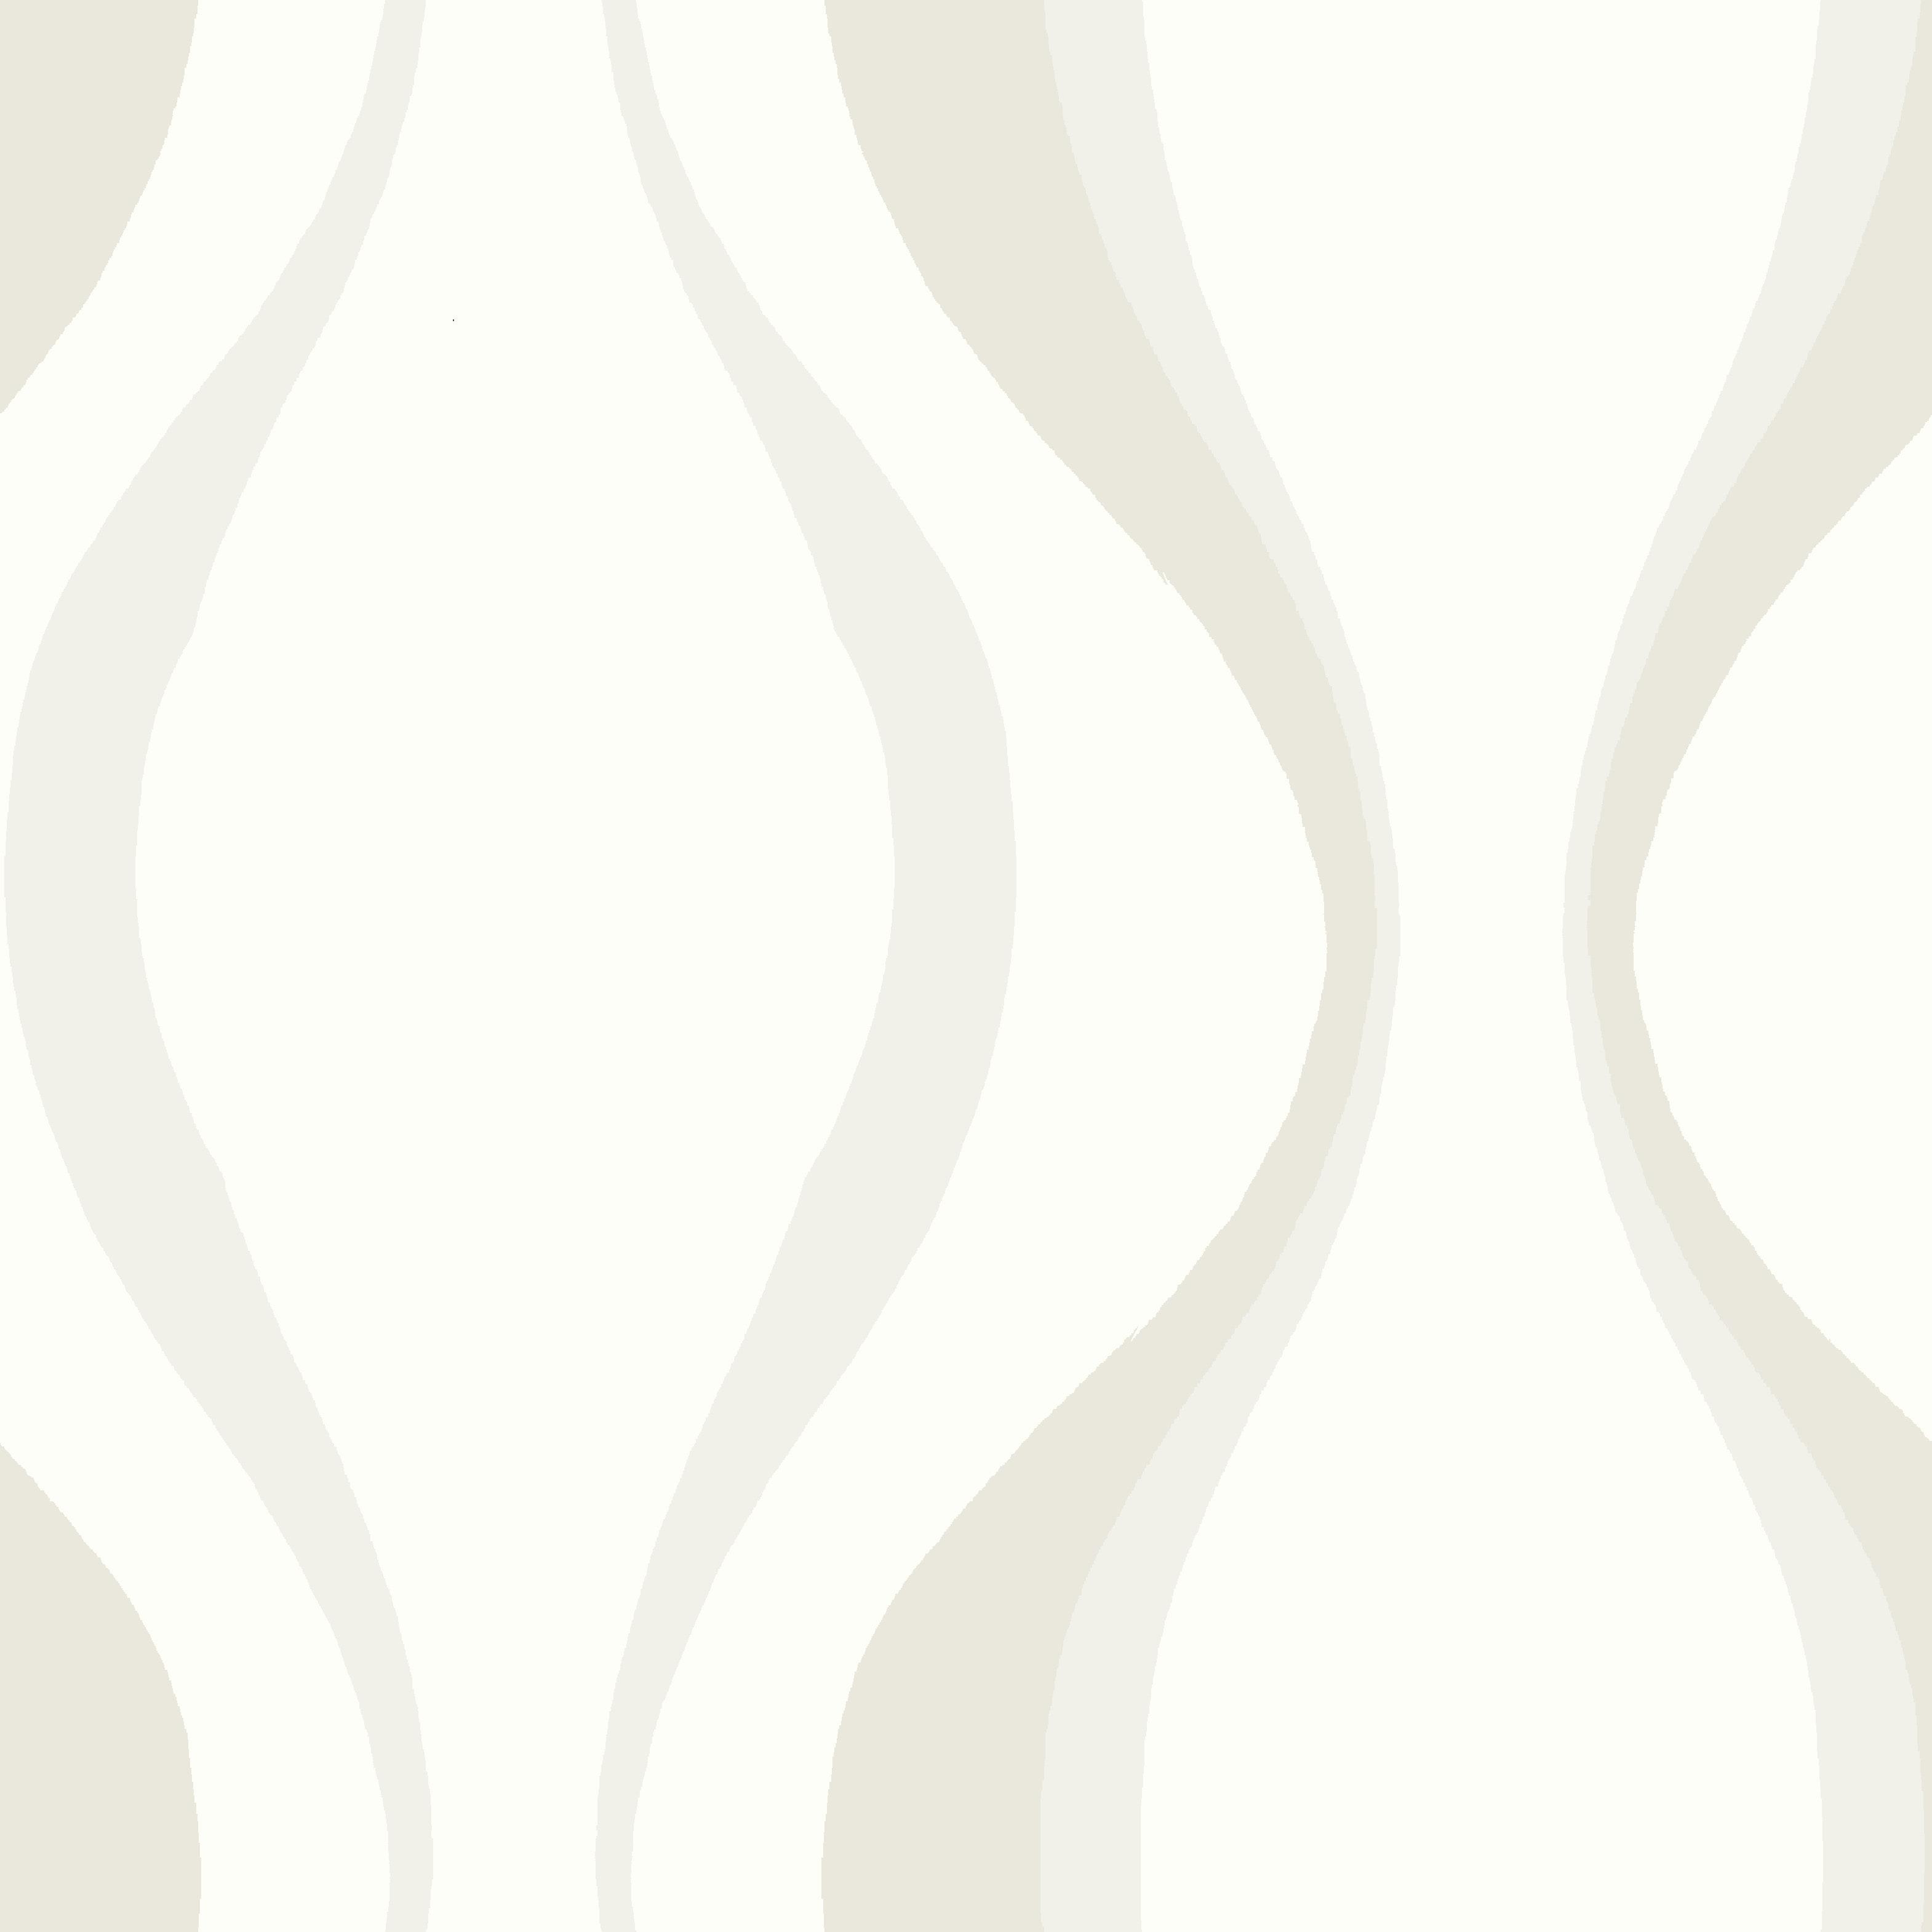 Tapet Nyans Bölja Champagne Silver